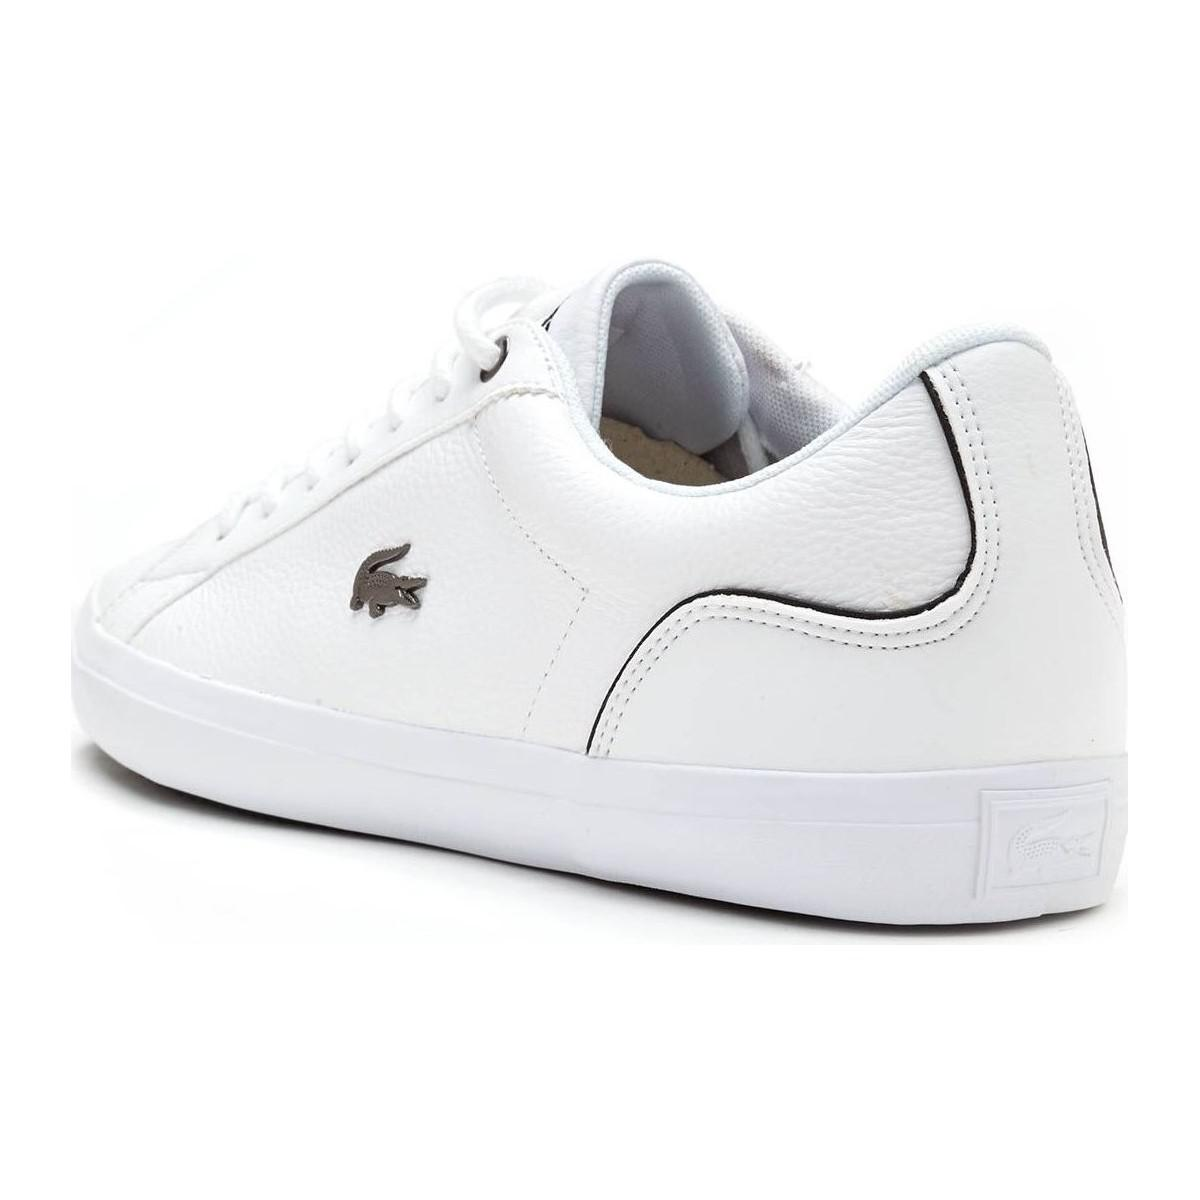 7b513a27d Lacoste Lerond 317 4 Cam In White Black 734cam0090 147 Men s Shoes ...